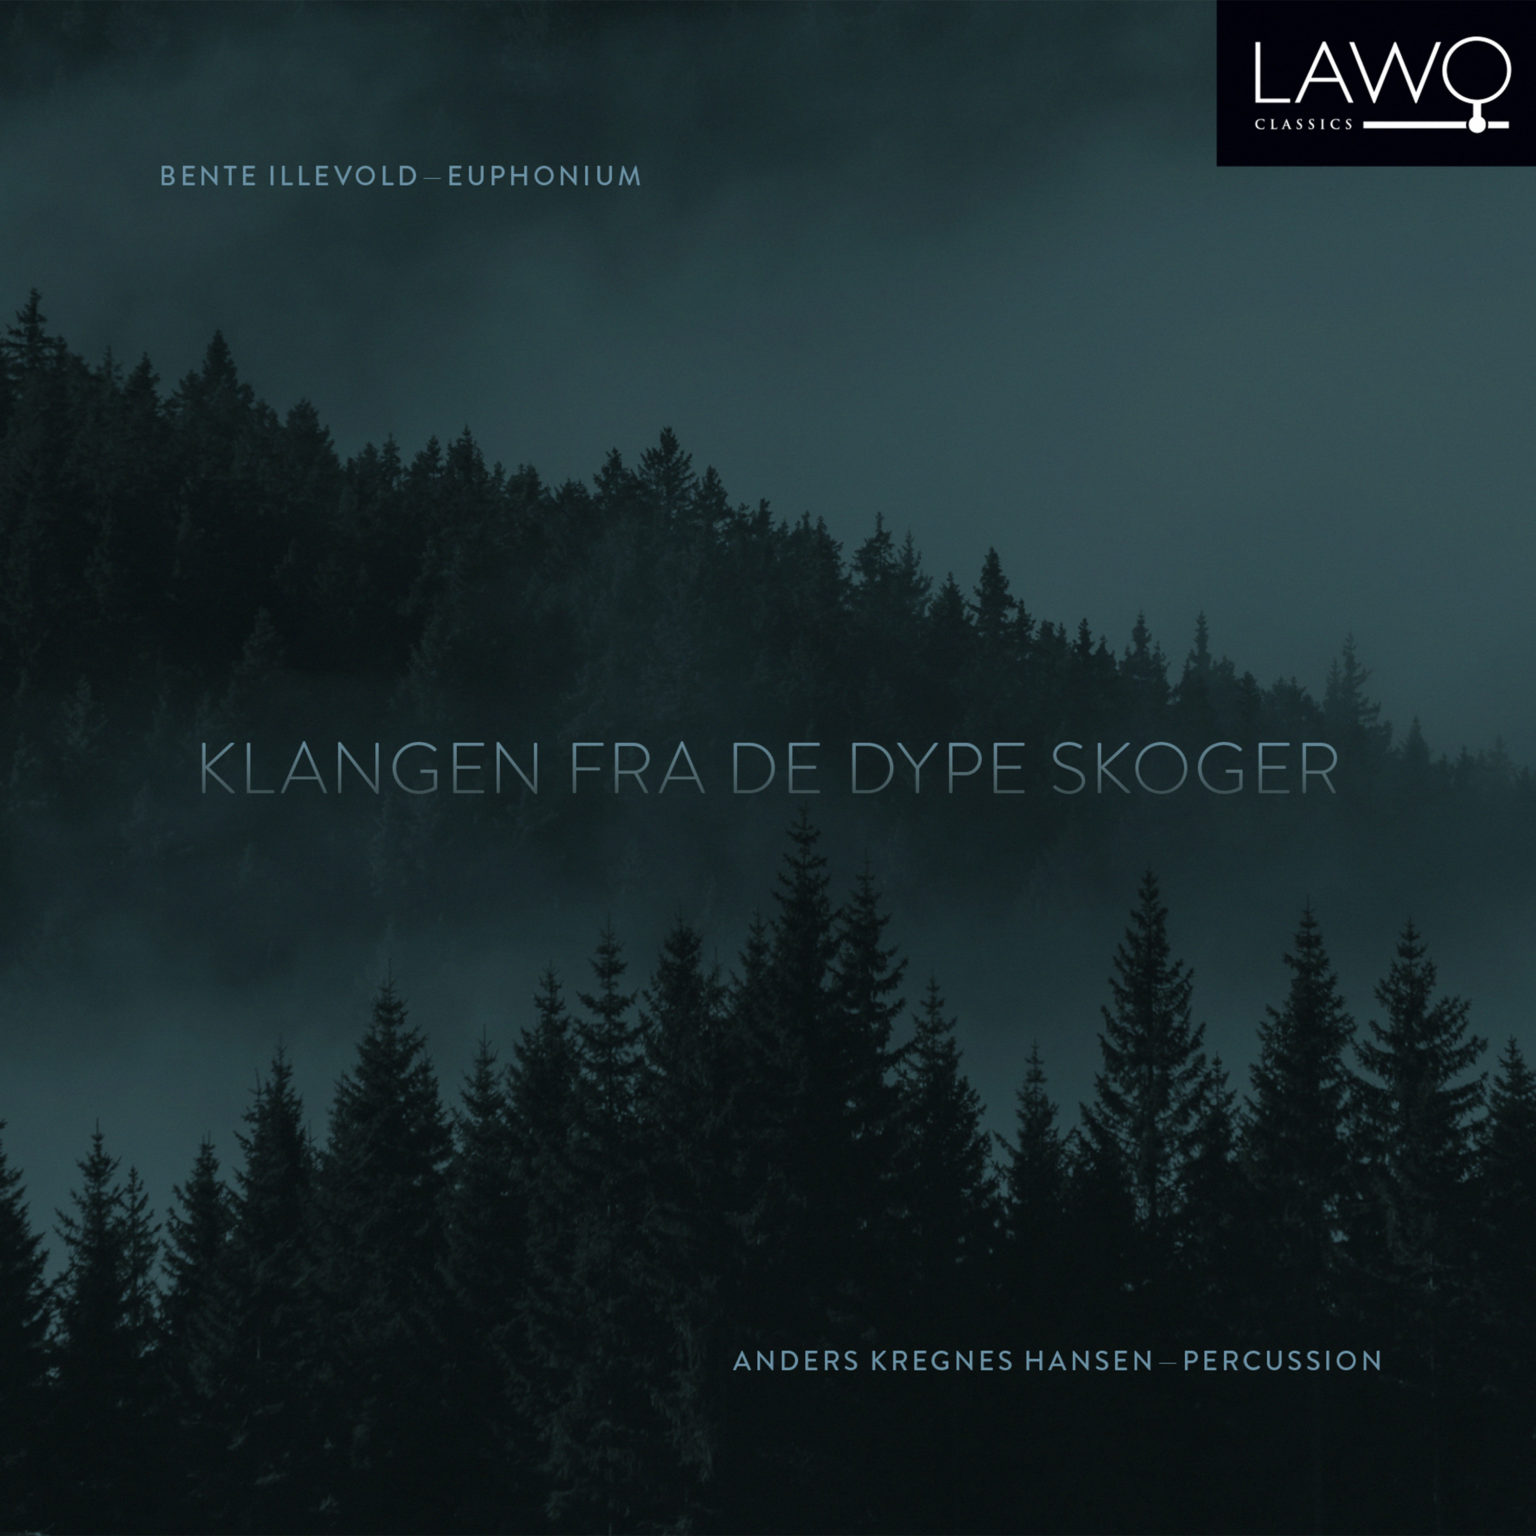 Click image for larger version.  Name:LWC1195_Bente_Illevold_Klangen_fra_de_dype_skoger_cover_3000x3000px-1536x1536.jpg Views:197 Size:174.8 KB ID:7720